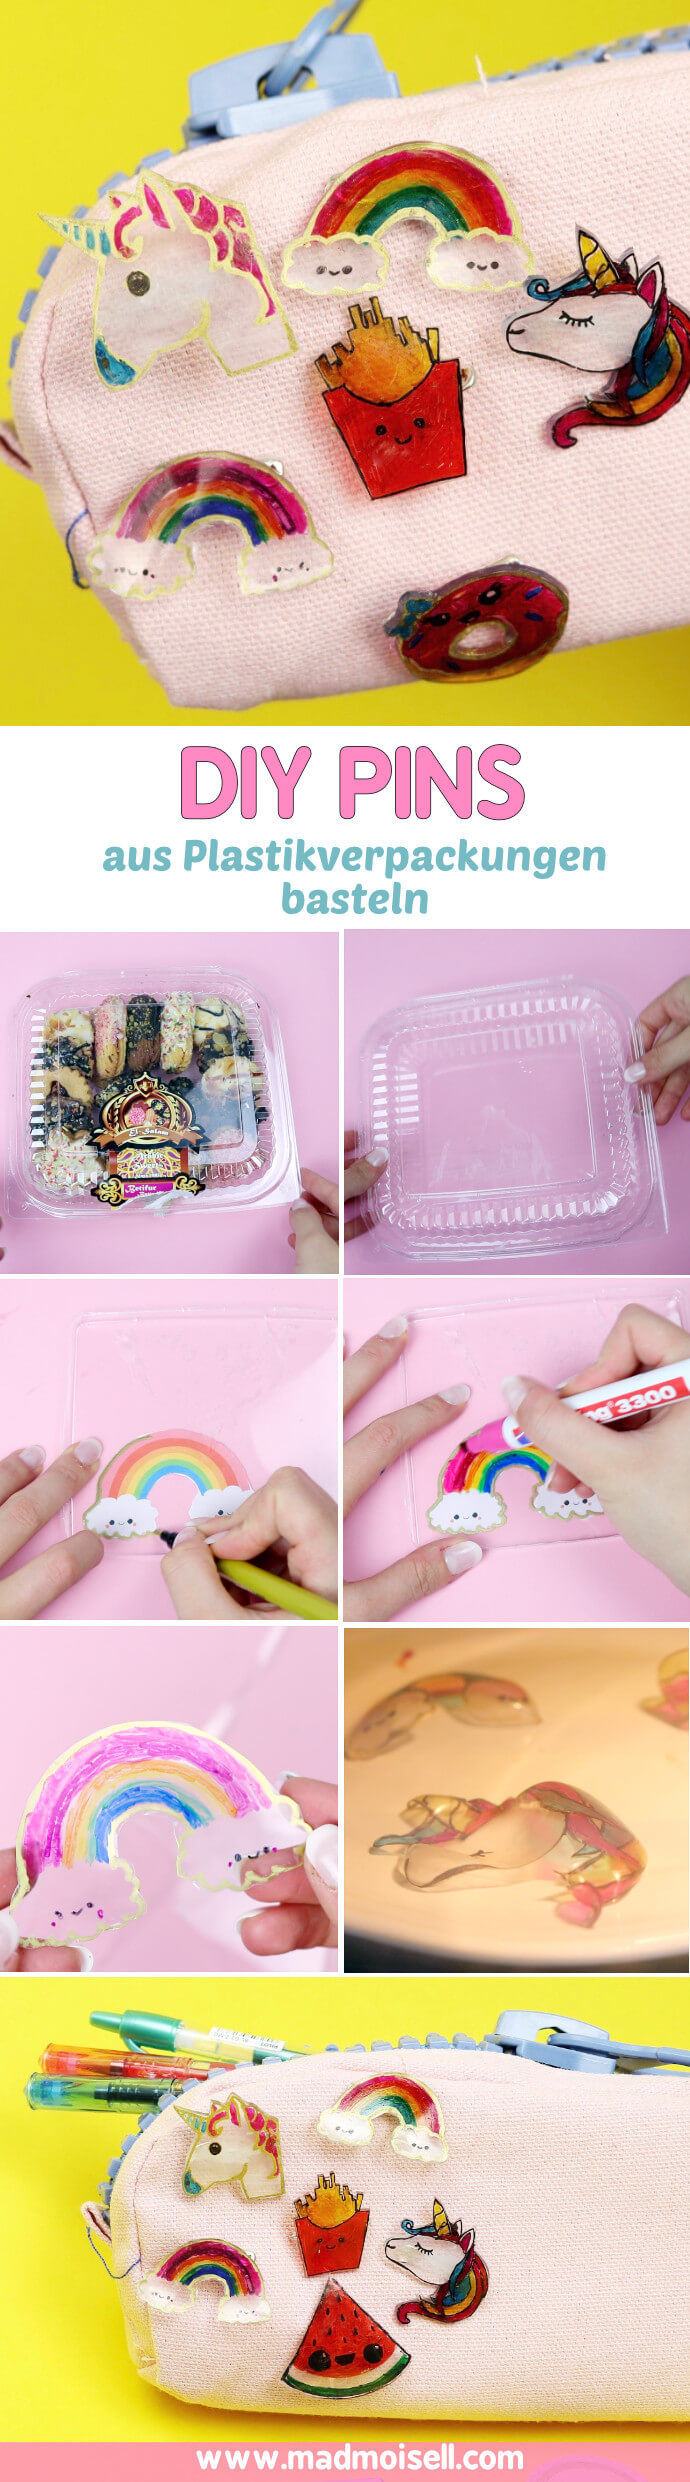 Top DIY Ideen mit Schrumpffolie [Shrink Plastic] aus Plastik-Verpackungen KH91